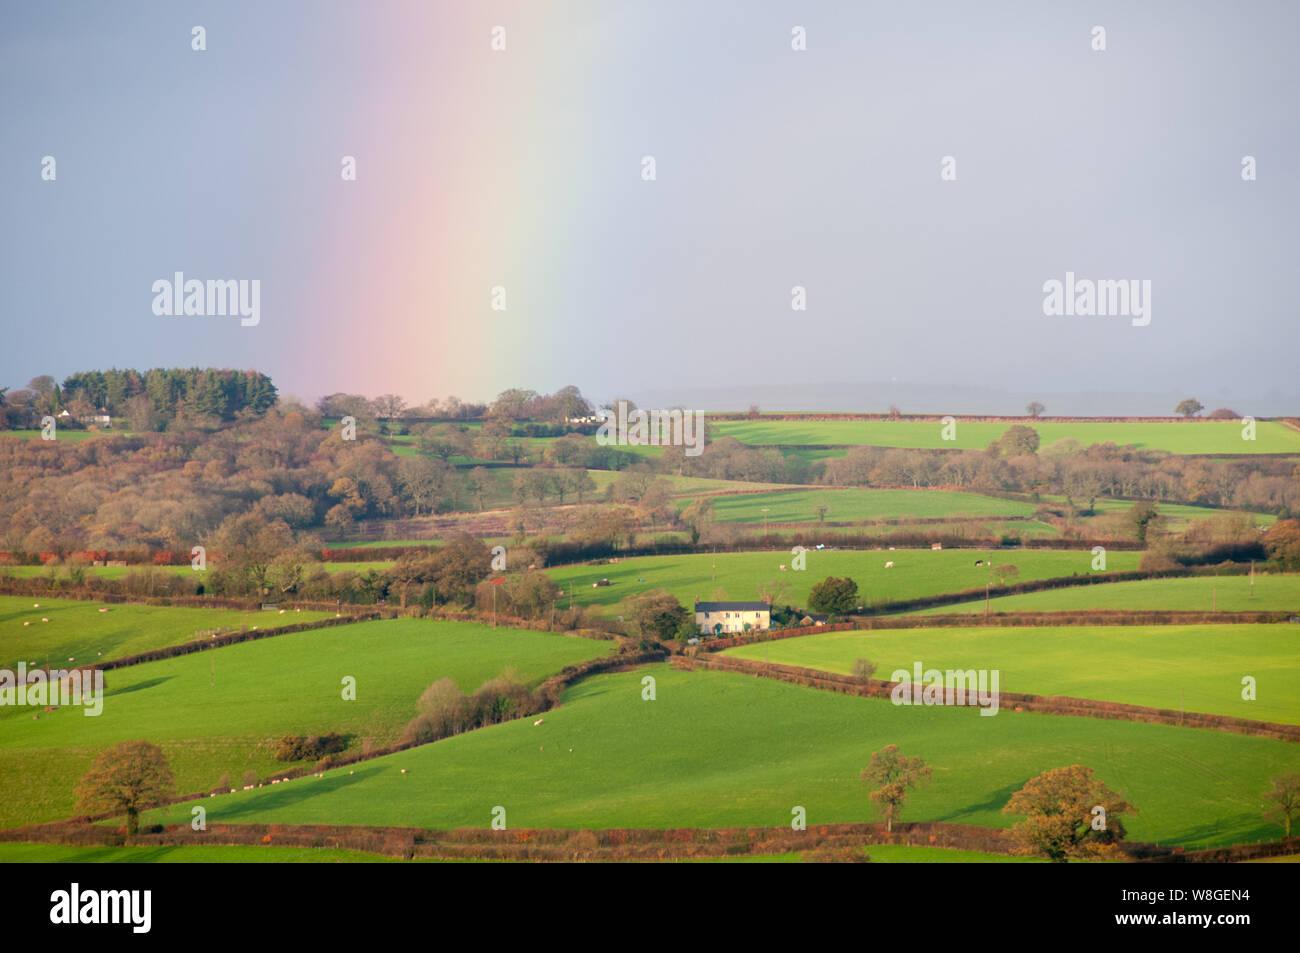 La campagne est allumé sur ce beau matin de dewey à Warwick en Angleterre. La pluie a cessé et un arc-en-ciel se remplit le ciel sous les rayons du soleil vers le bas. Banque D'Images